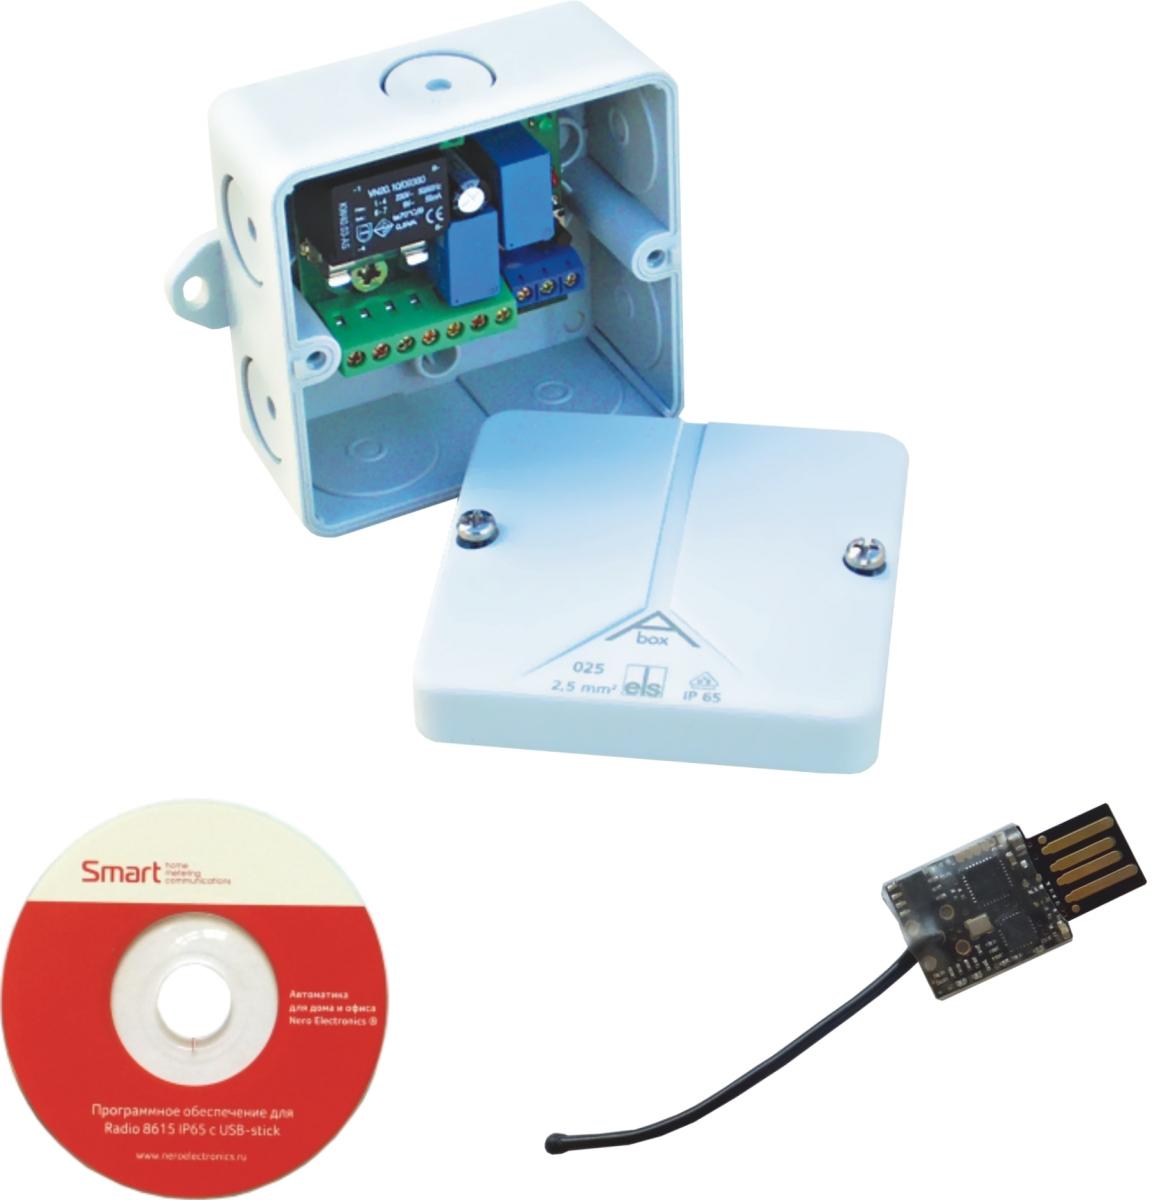 Радиоконтроллер NERO 8615 с USB-stick